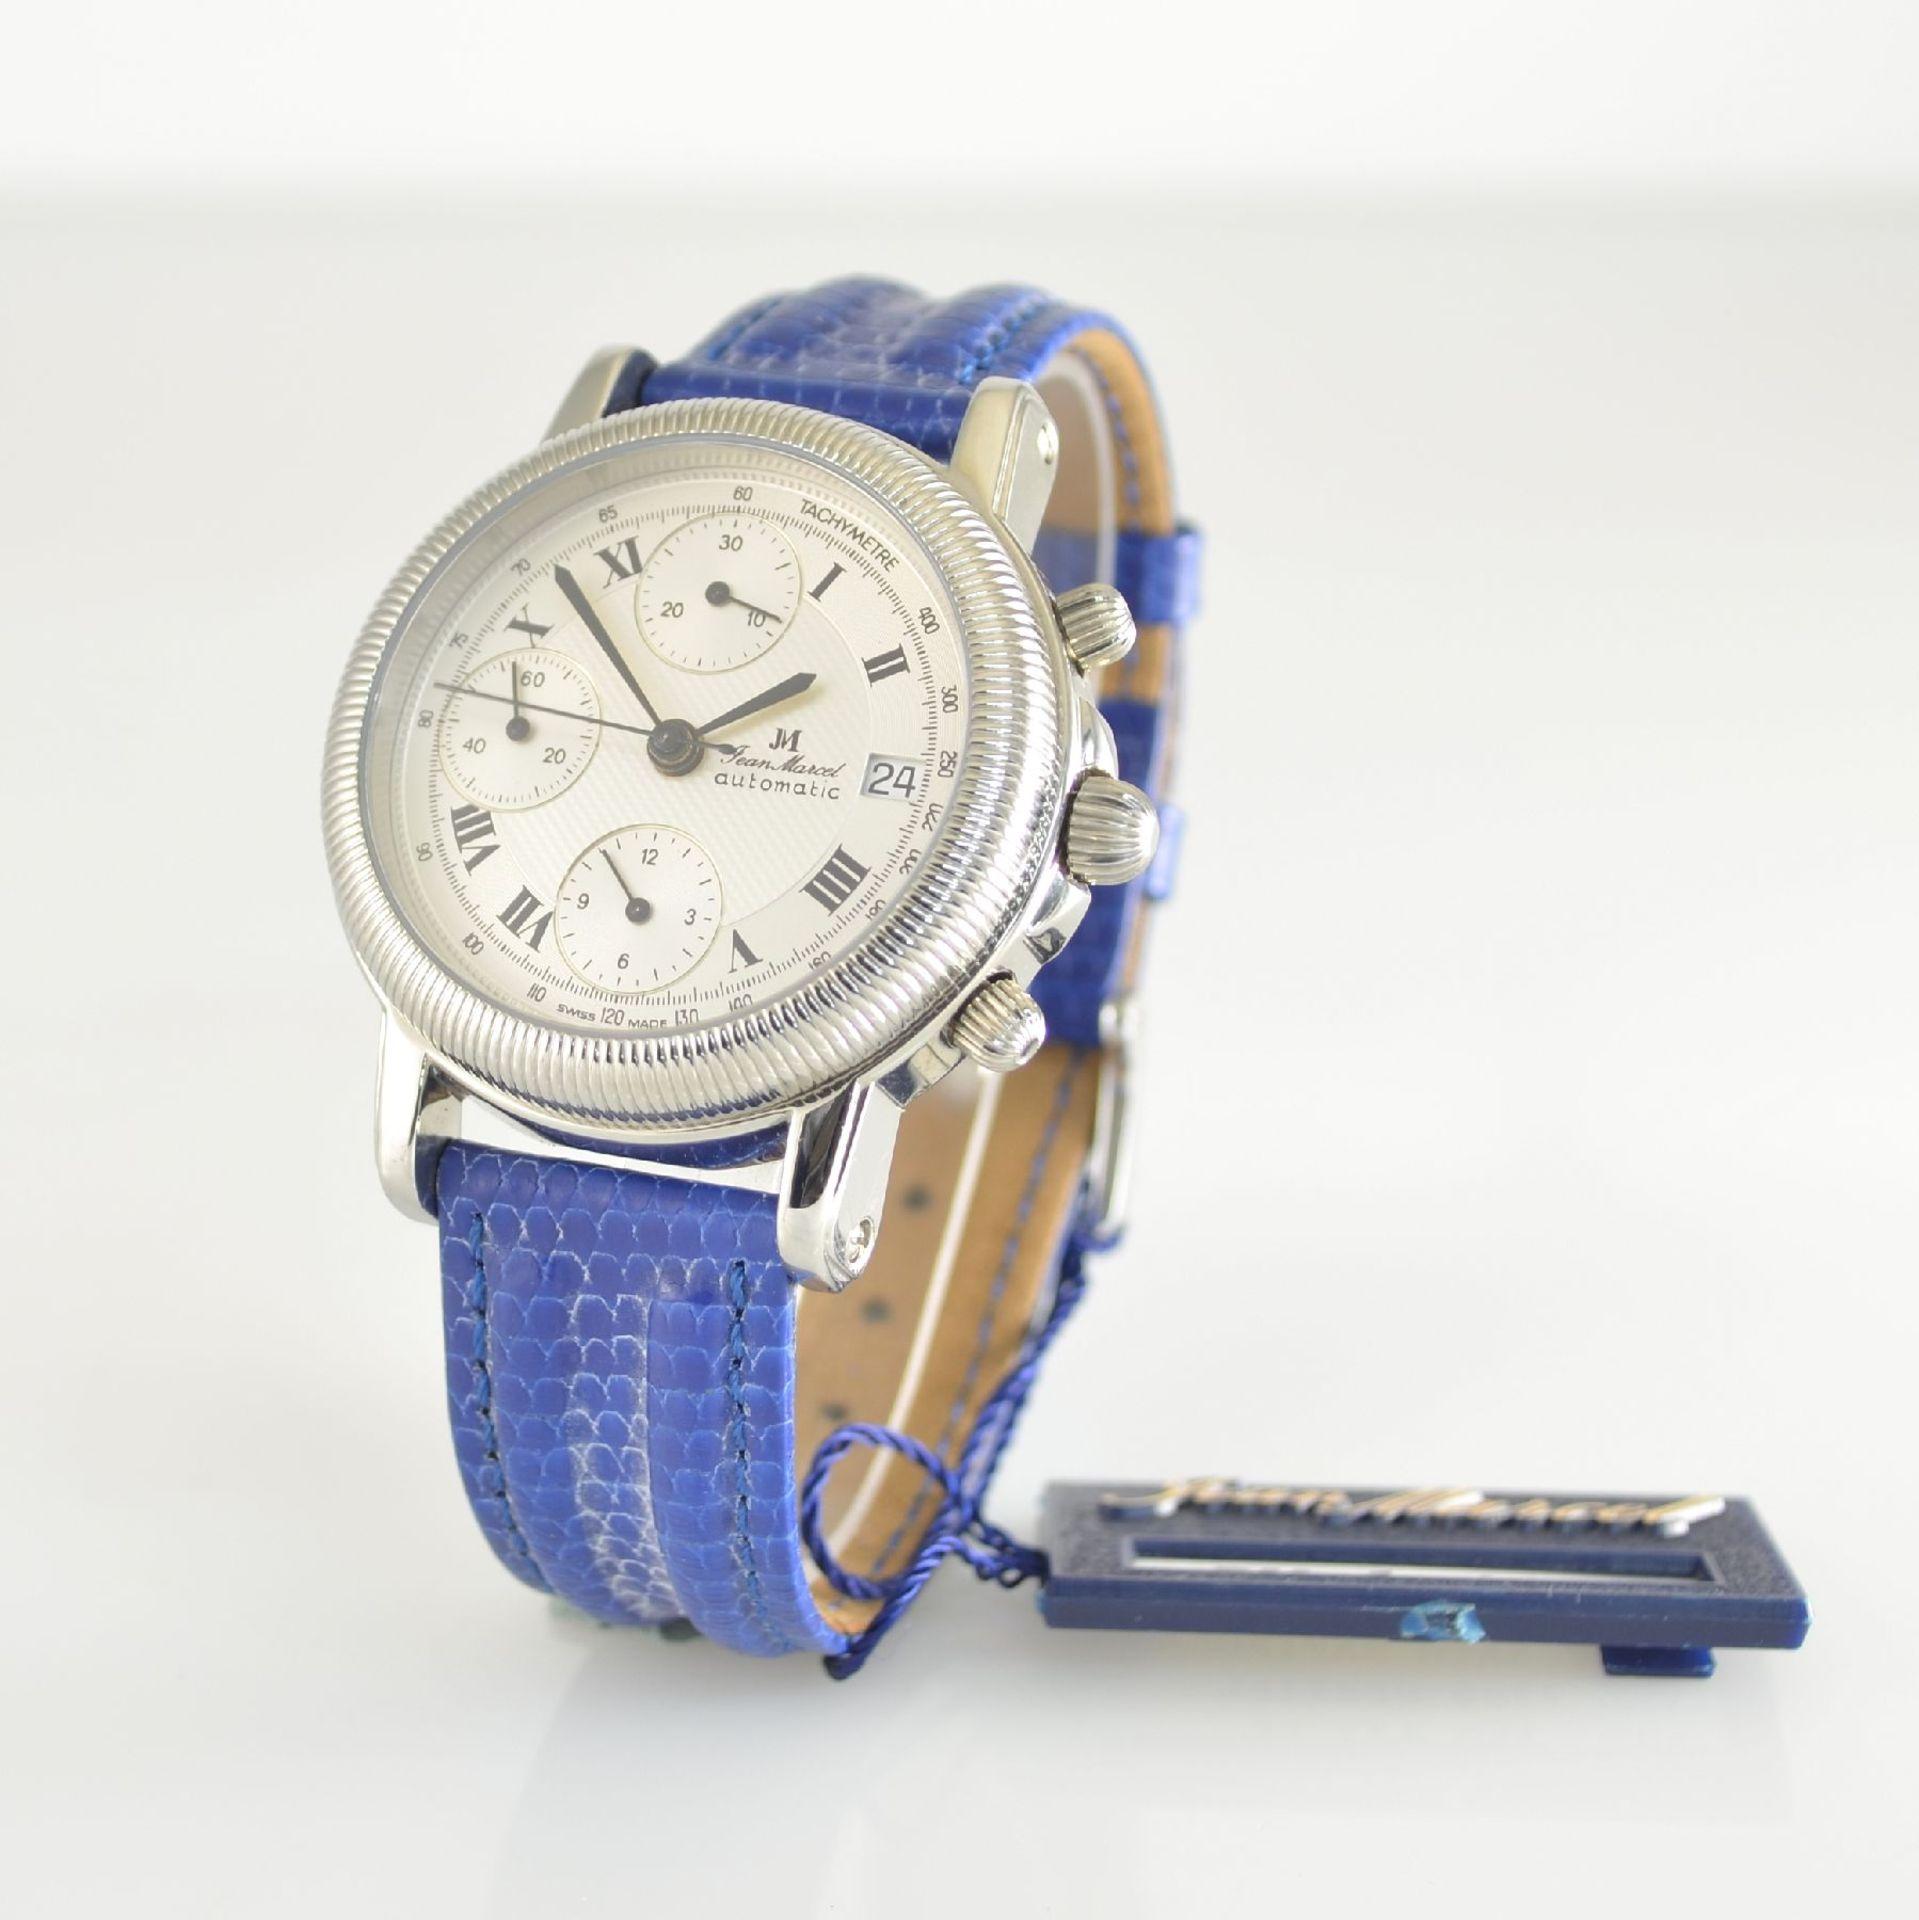 JEAN MARCEL Herrenarmbanduhr mit Chronograph, Schweiz um 2000, Automatik, Ref. 160.134, beids. - Bild 3 aus 7